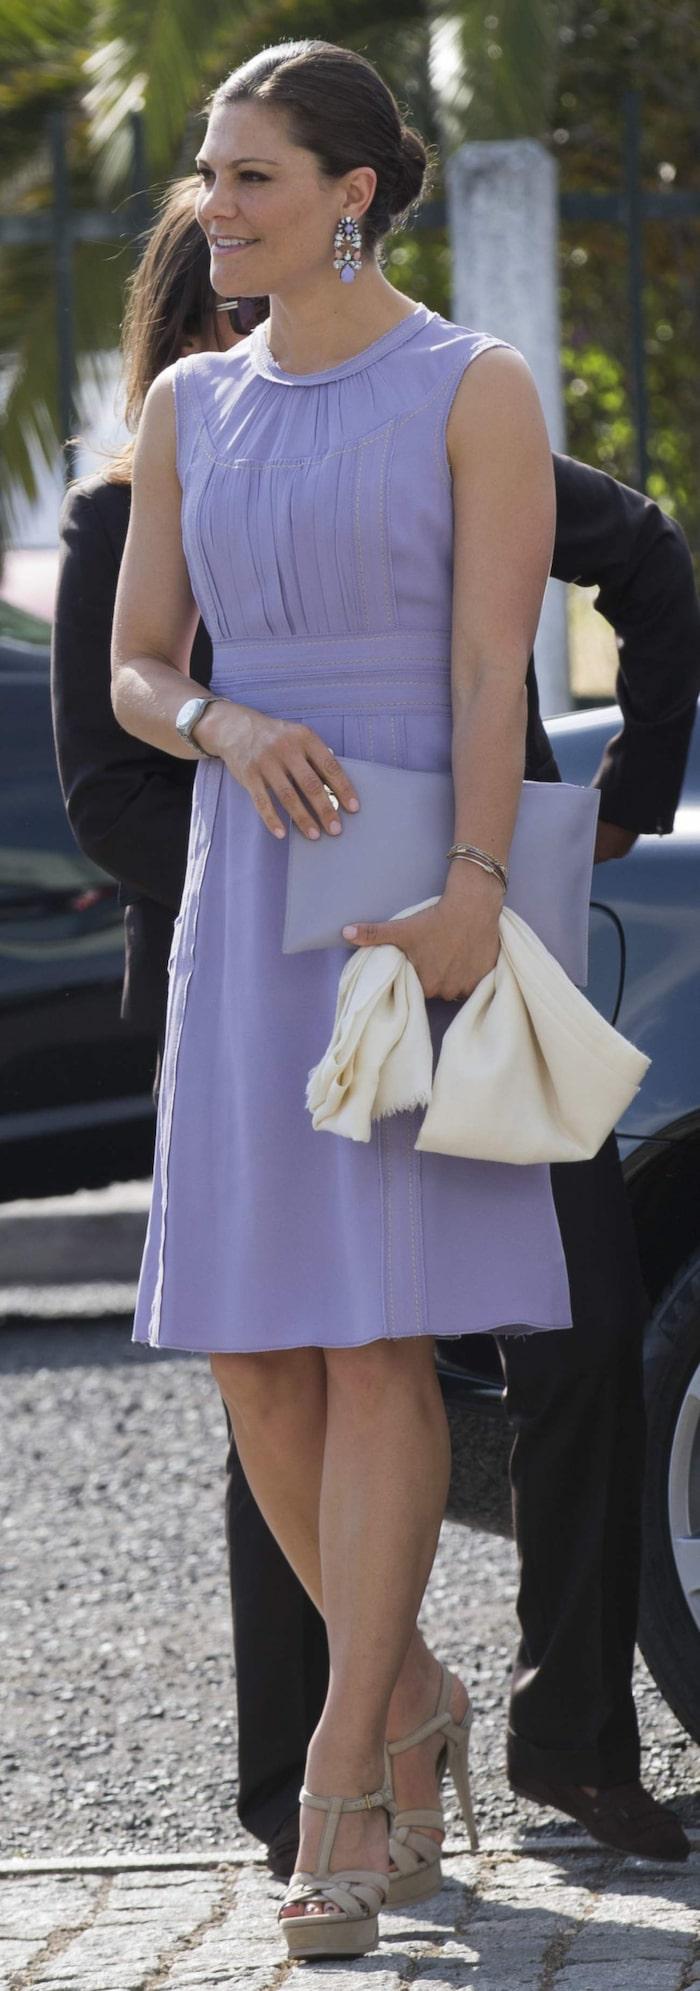 """<a _mce_href=""""http://www.expressen.se/mode/kronprinsessan-victoria---stilguide/"""" href=""""http://www.expressen.se/mode/kronprinsessan-victoria---stilguide/"""">Kronprinsessan Victoria </a>i Portugal iklädd lavendelfärgad knäkort klänning och matchande kuvertväska och örhängen."""